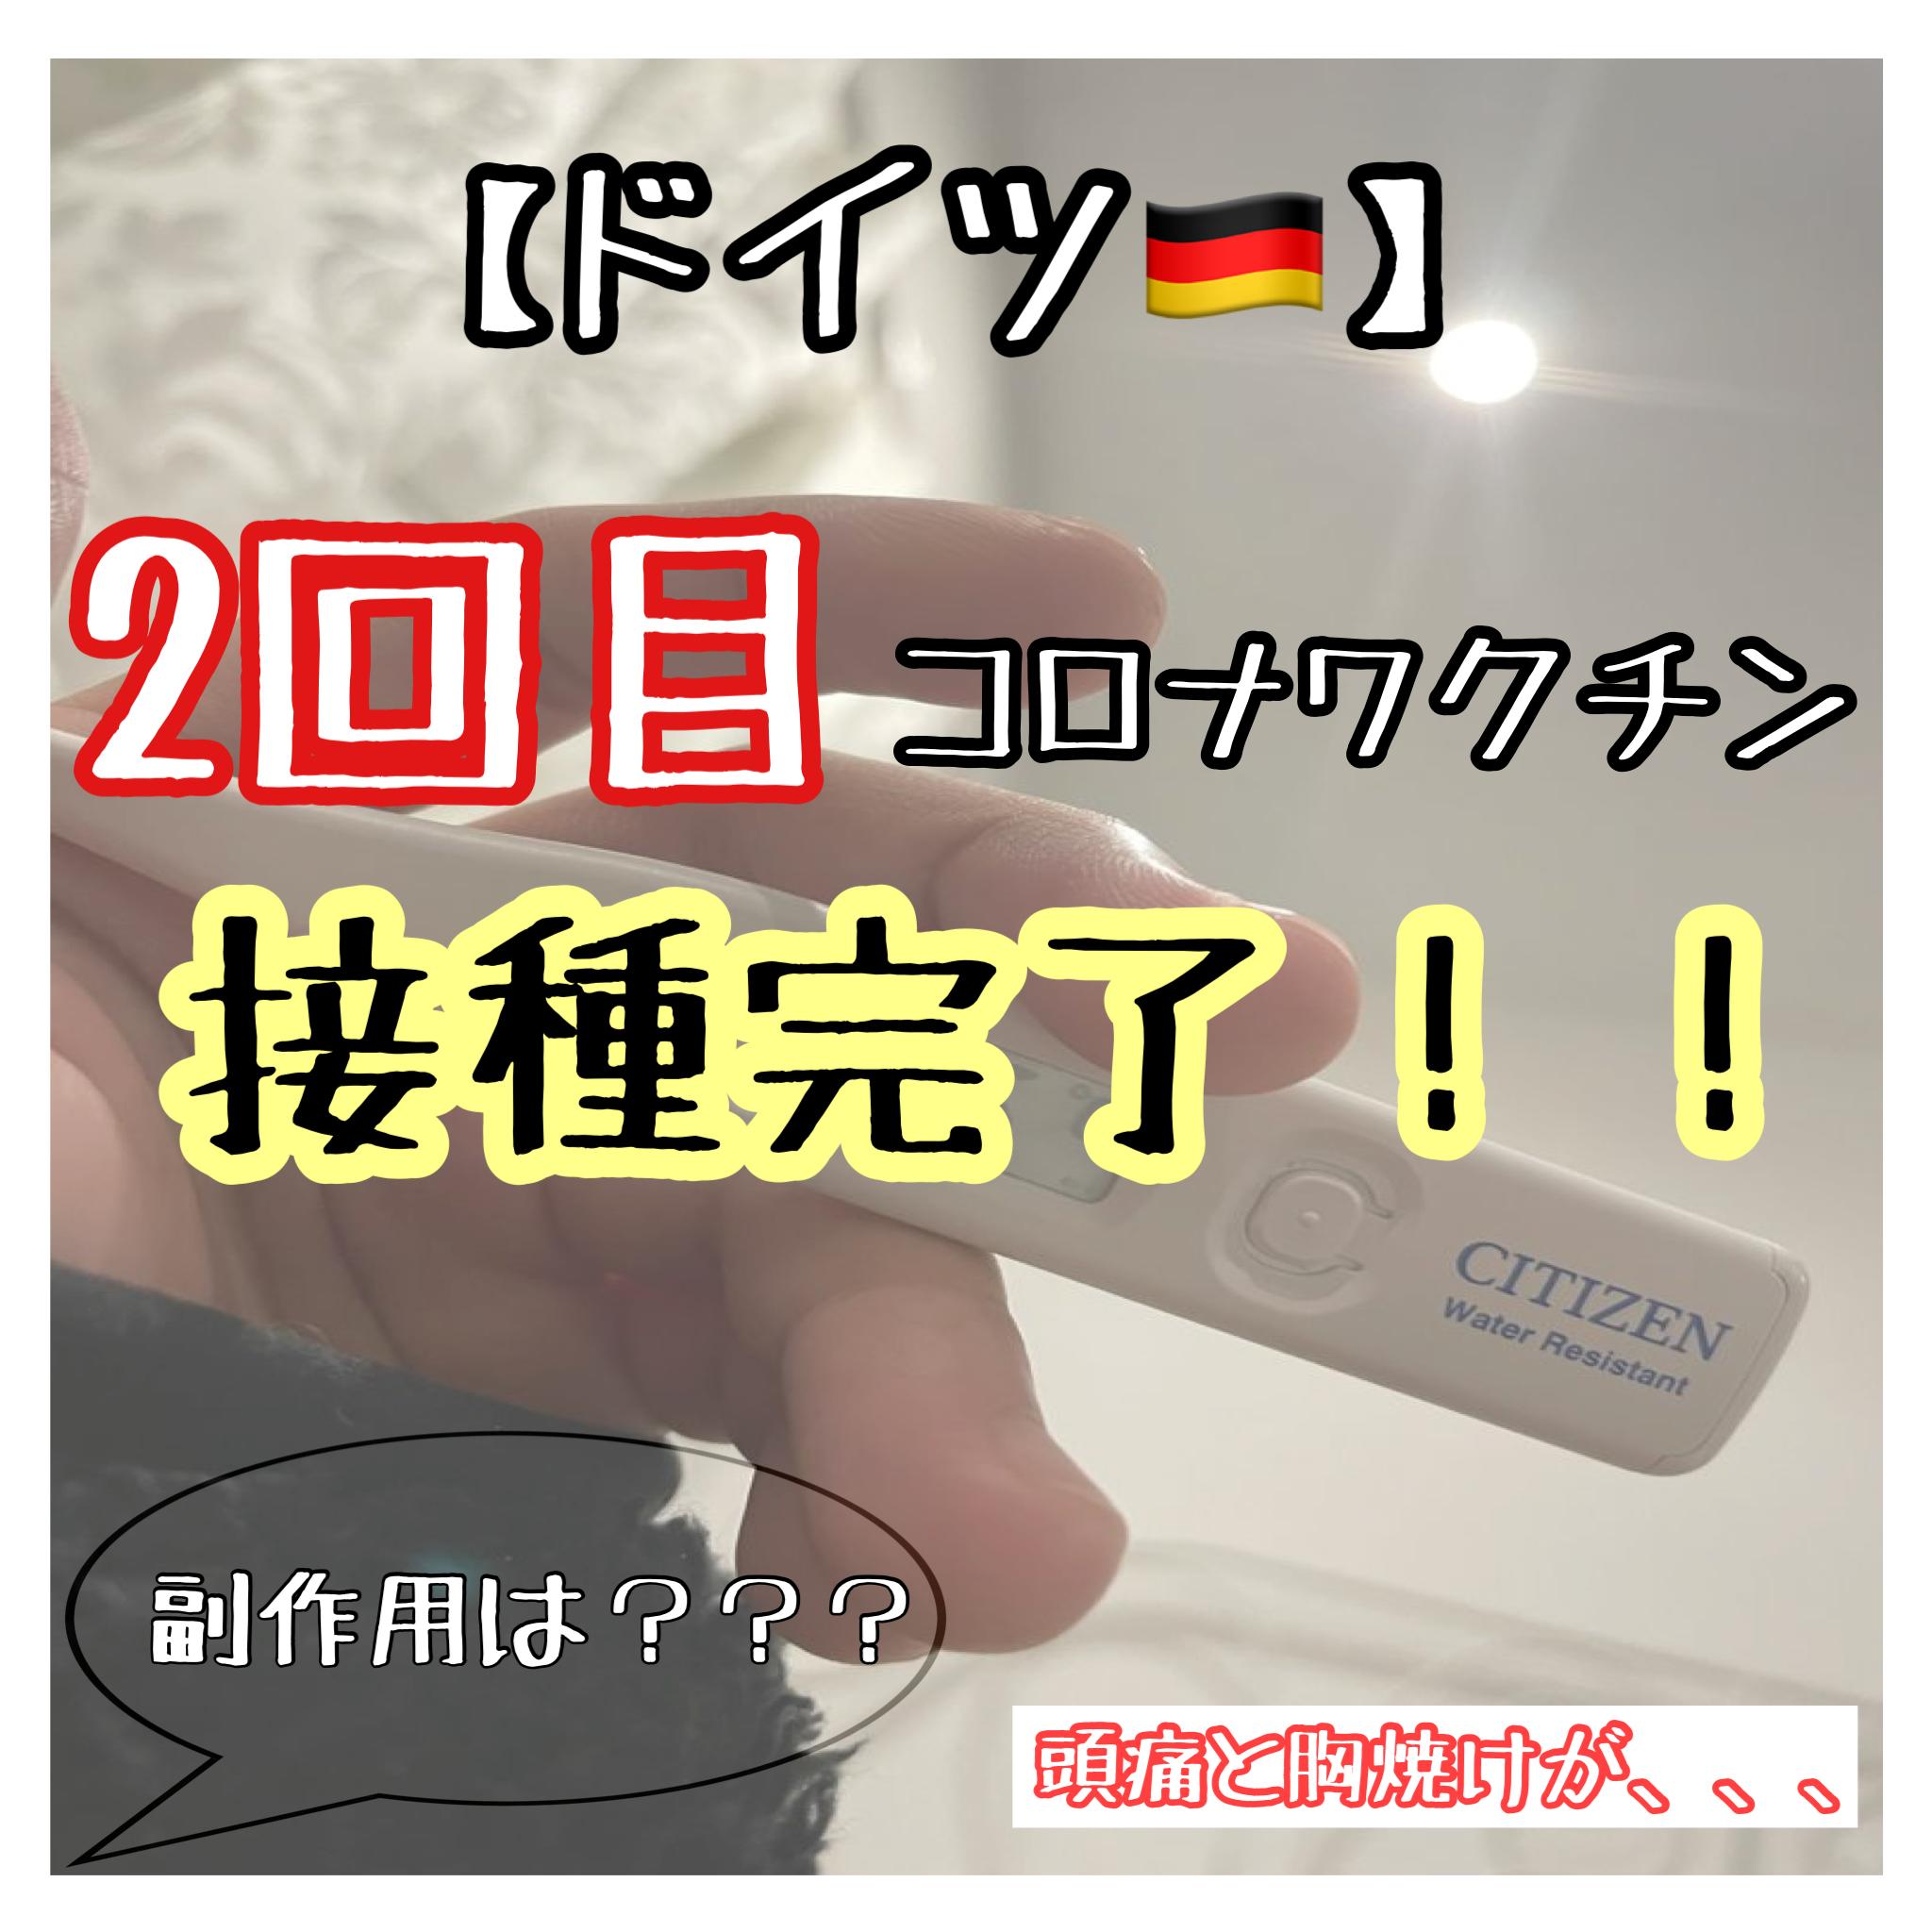 【ドイツ】2回目のコロナワクチン(バイオンテック/ファイザー)接種完了!副作用は?